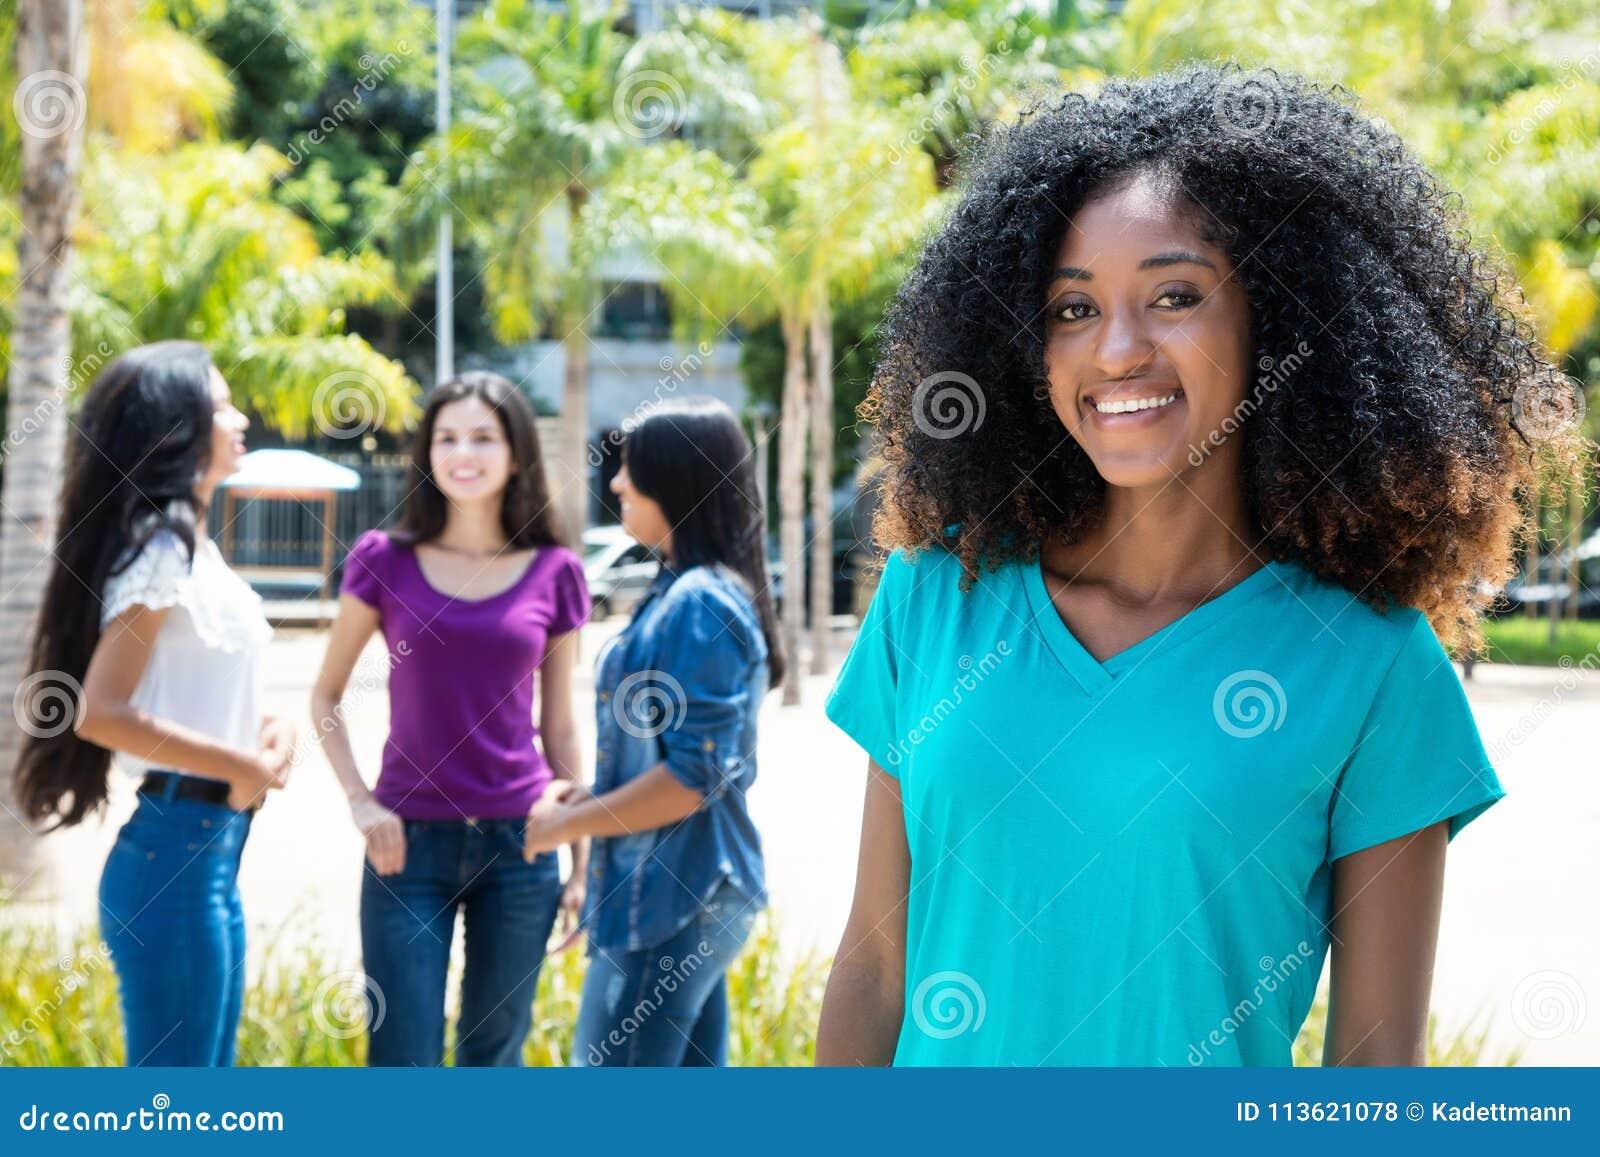 Lachende Afrikaanse Amerikaanse vrouw met groep meisjes